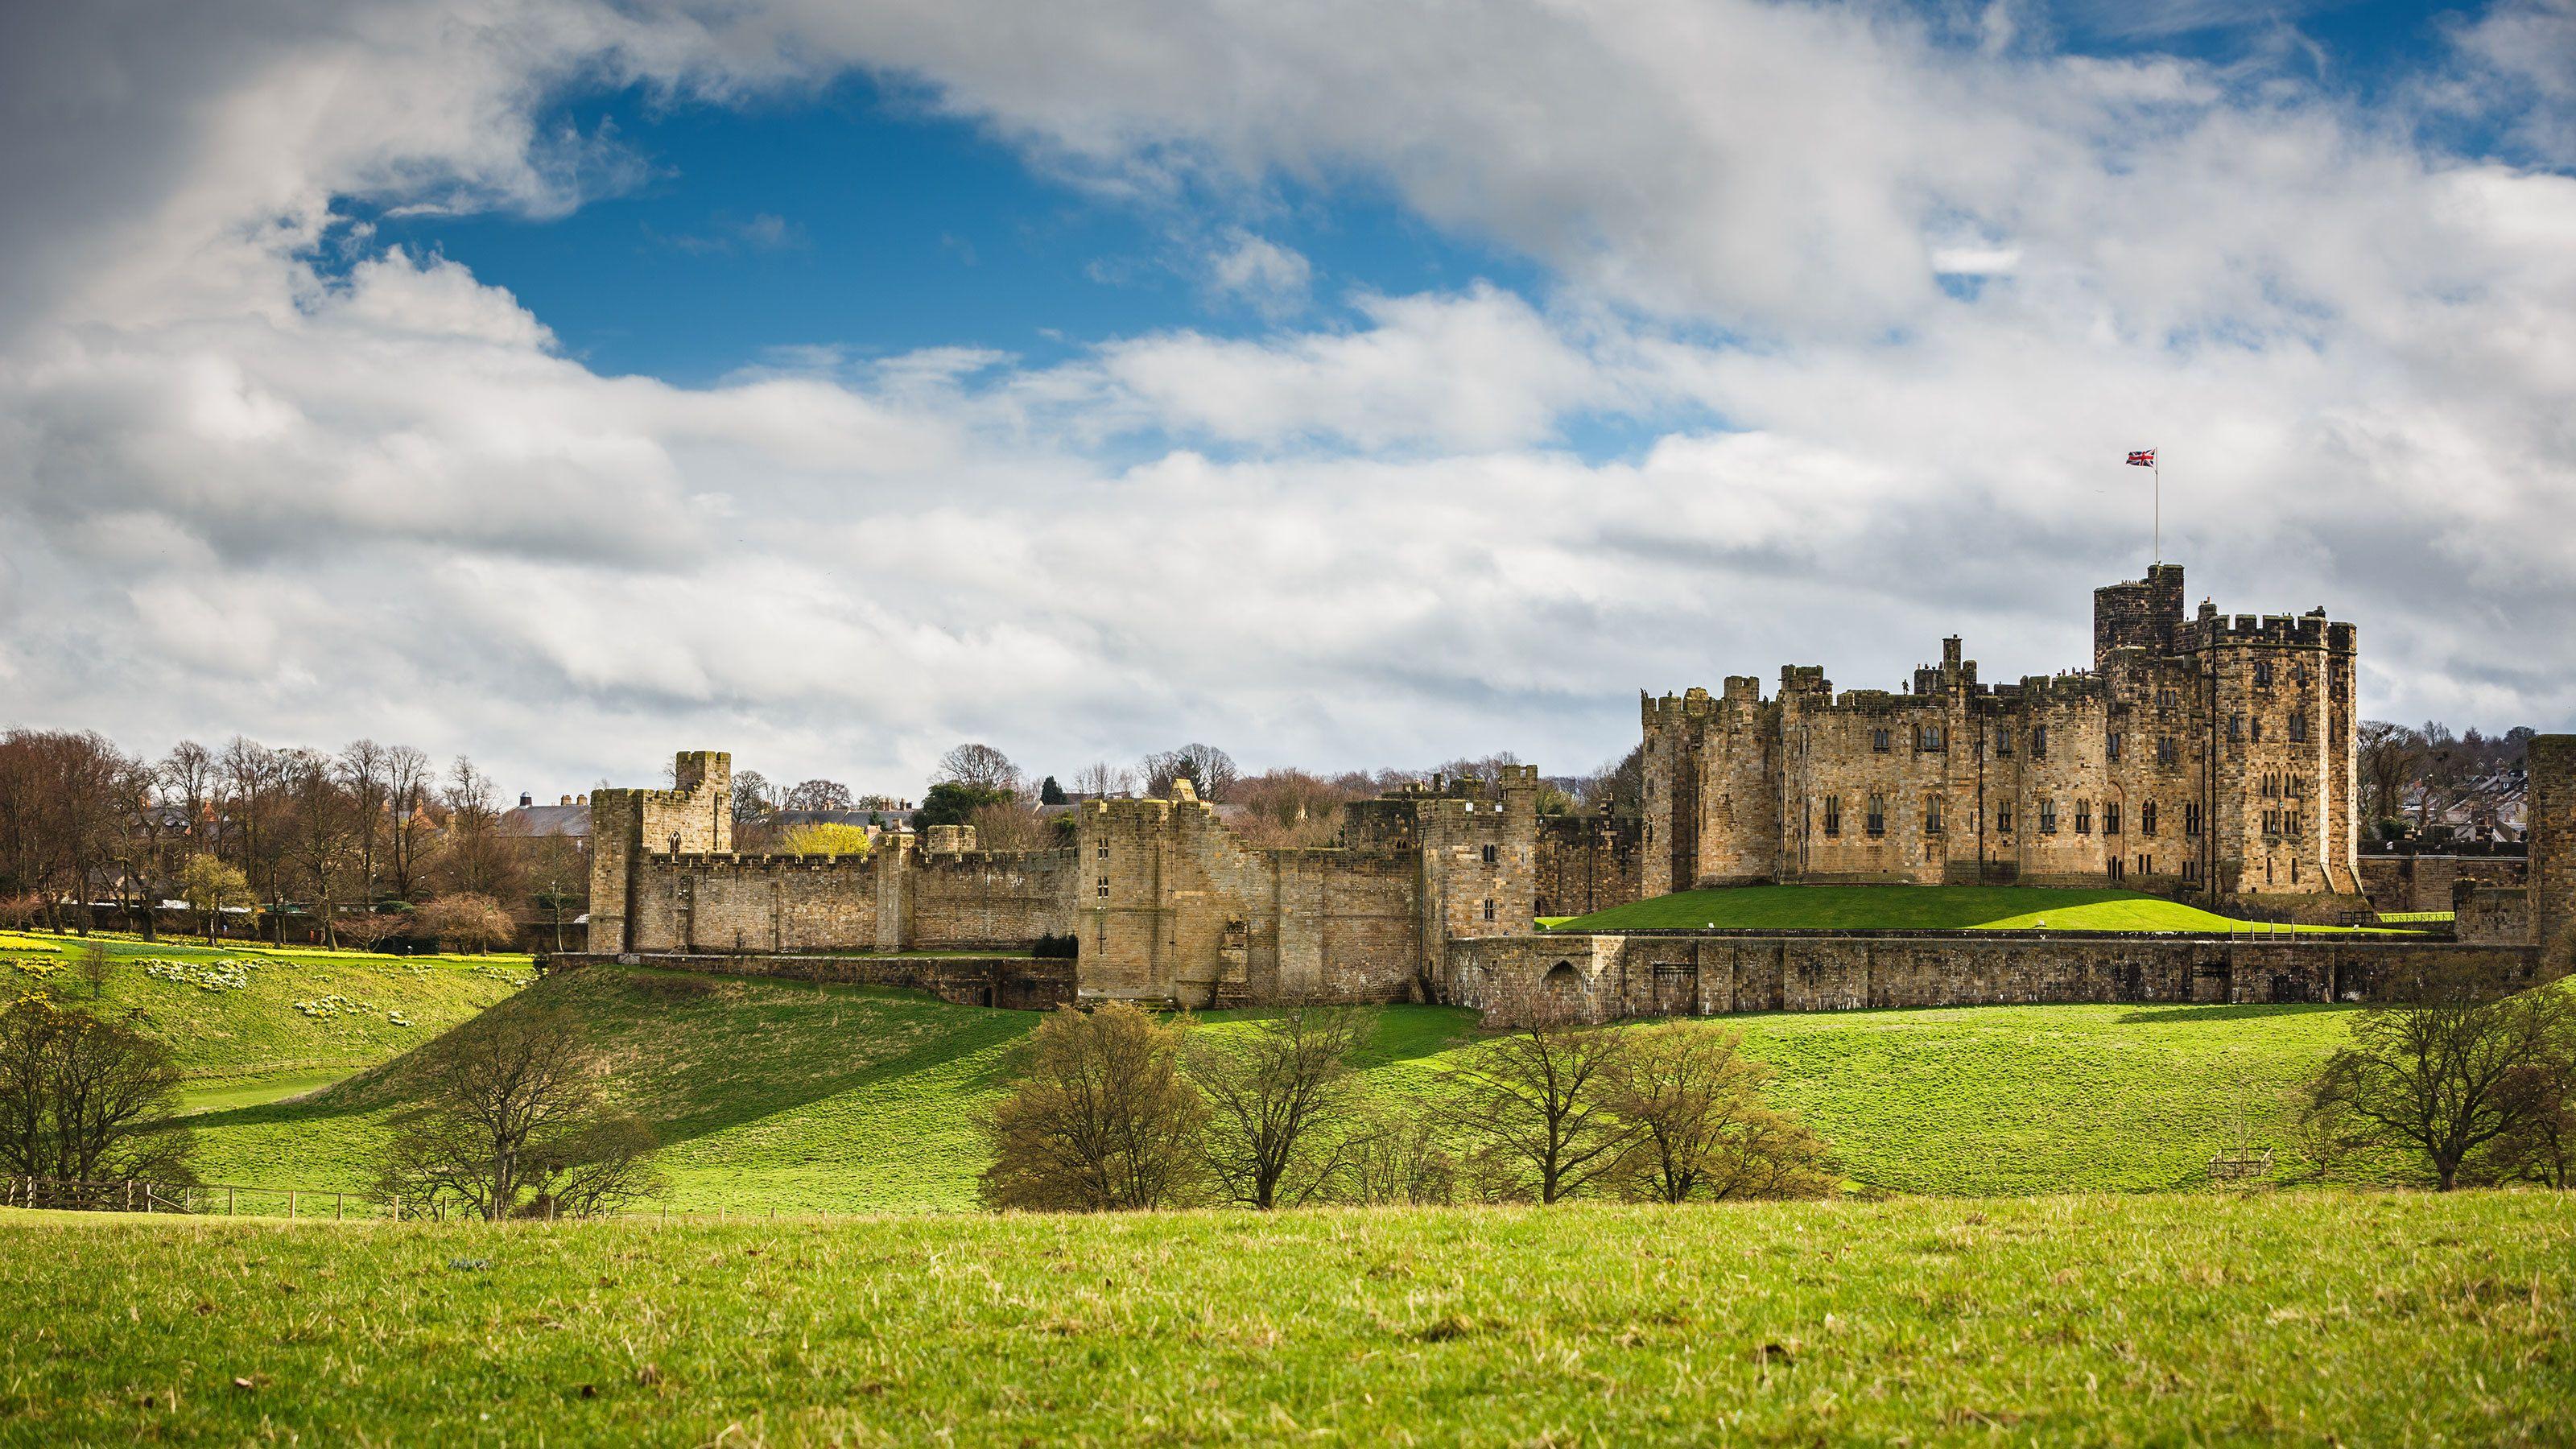 Alnwick Castle in Scotland